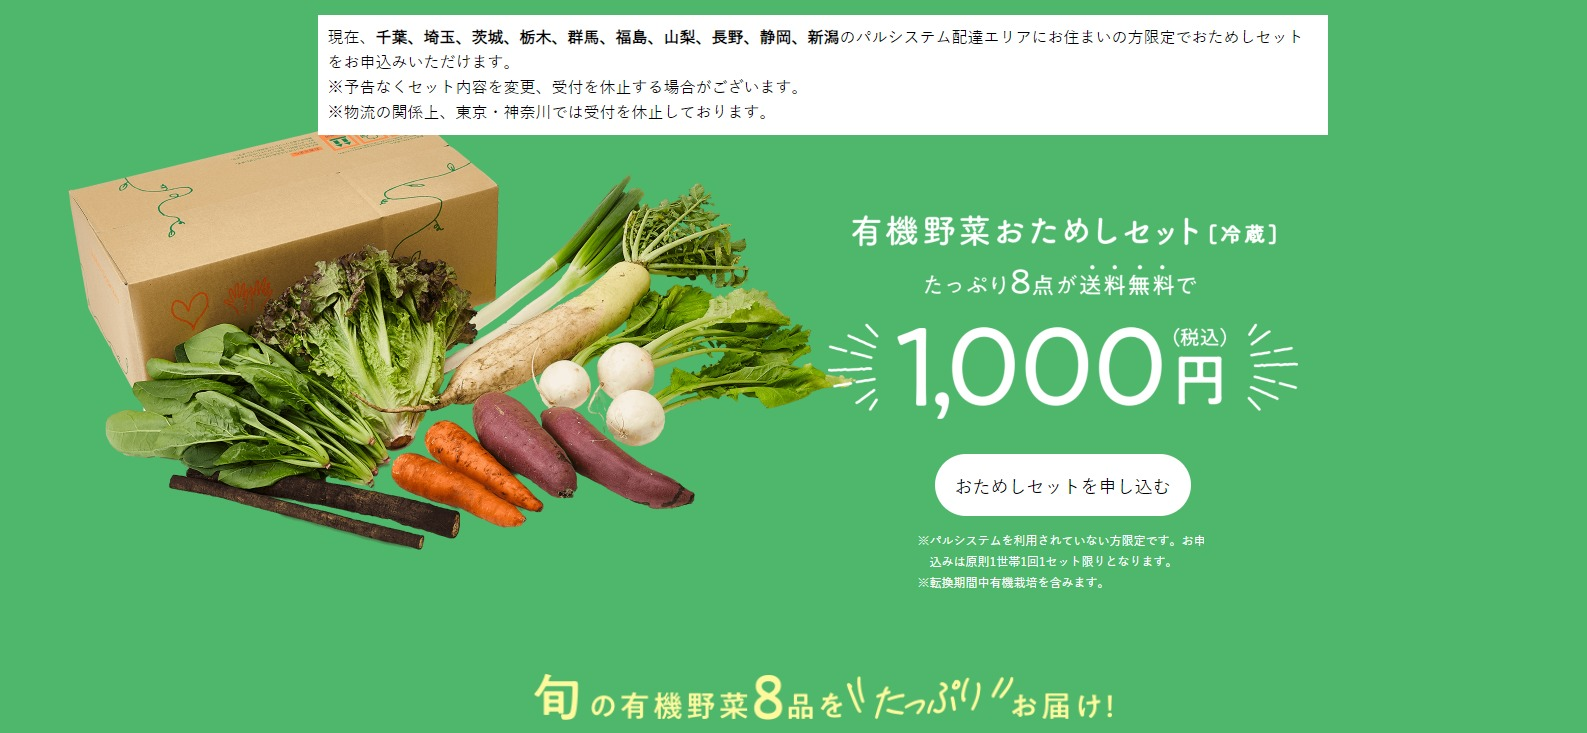 パルシステムお試し有機野菜